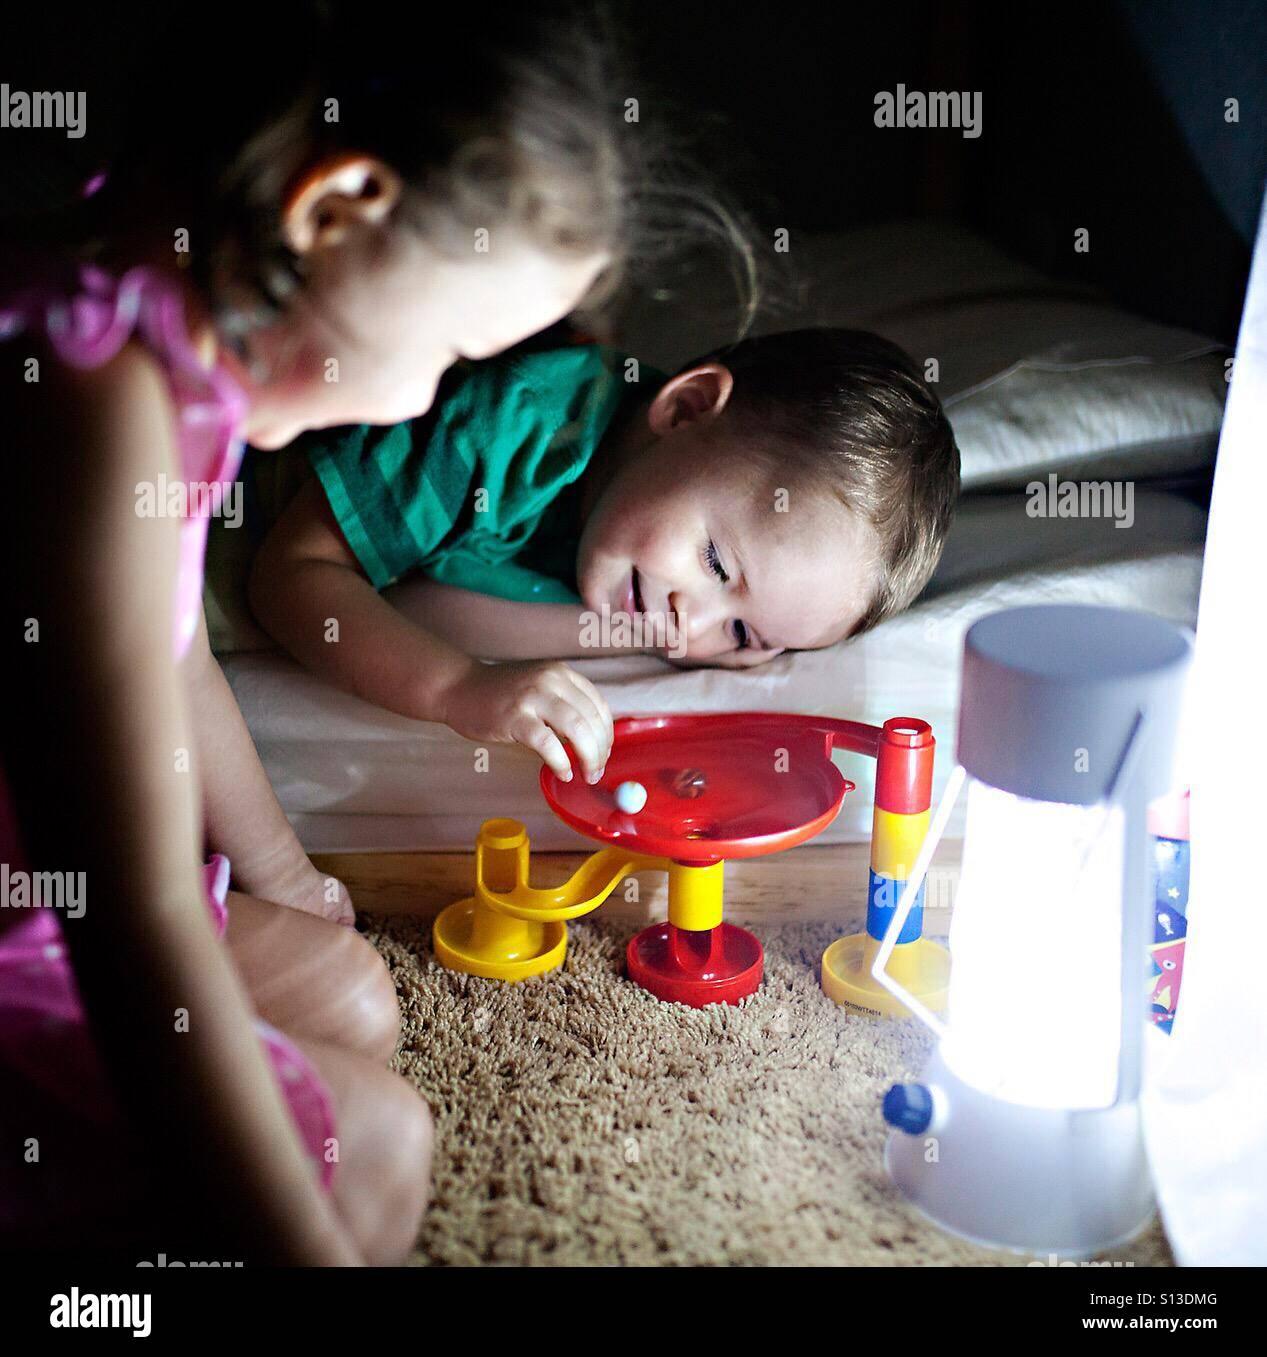 Niño y su niña juegan con un juguete run de mármol a la hora de acostarse por lámpara de luz Imagen De Stock